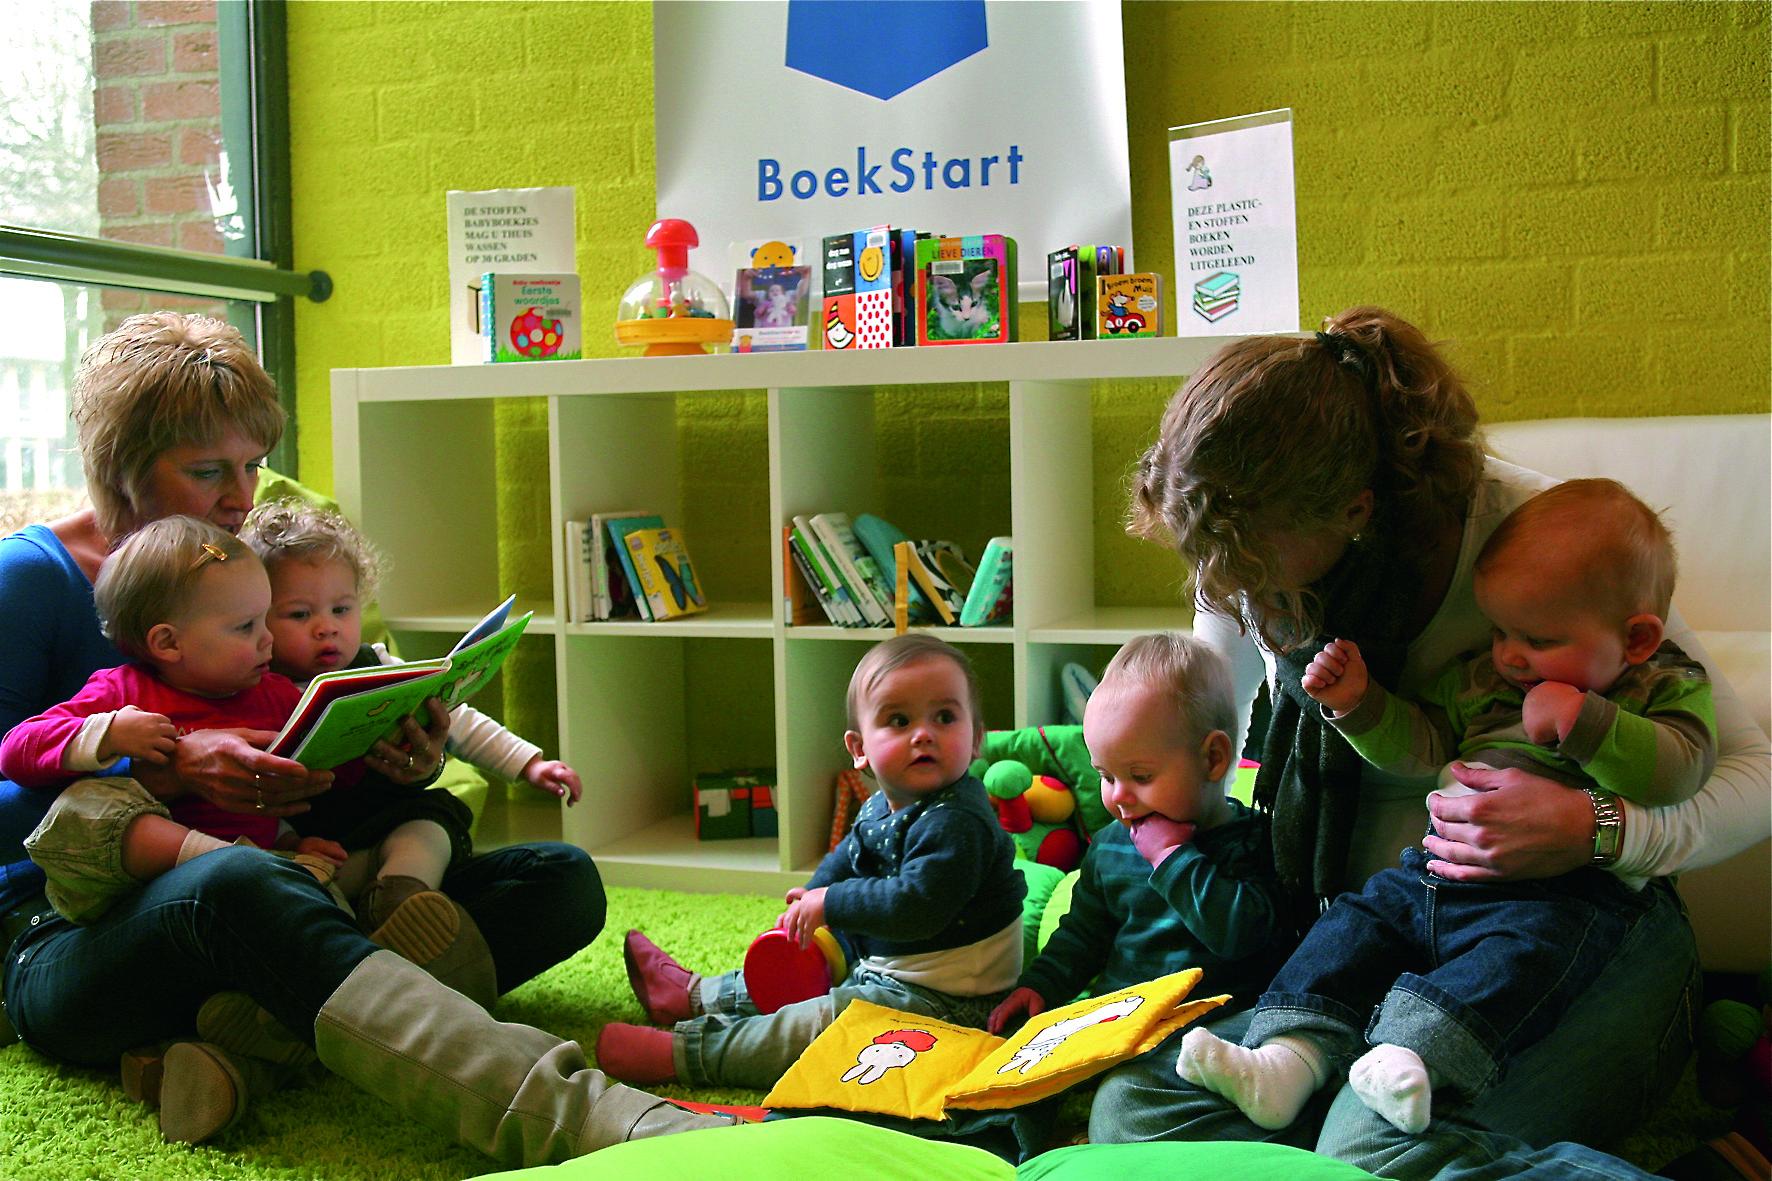 Voorlezen vanaf de babyleeftijd stimuleert de taalontwikkeling van kinderen en verhoogt de concentratie. (Foto: aangeleverd)